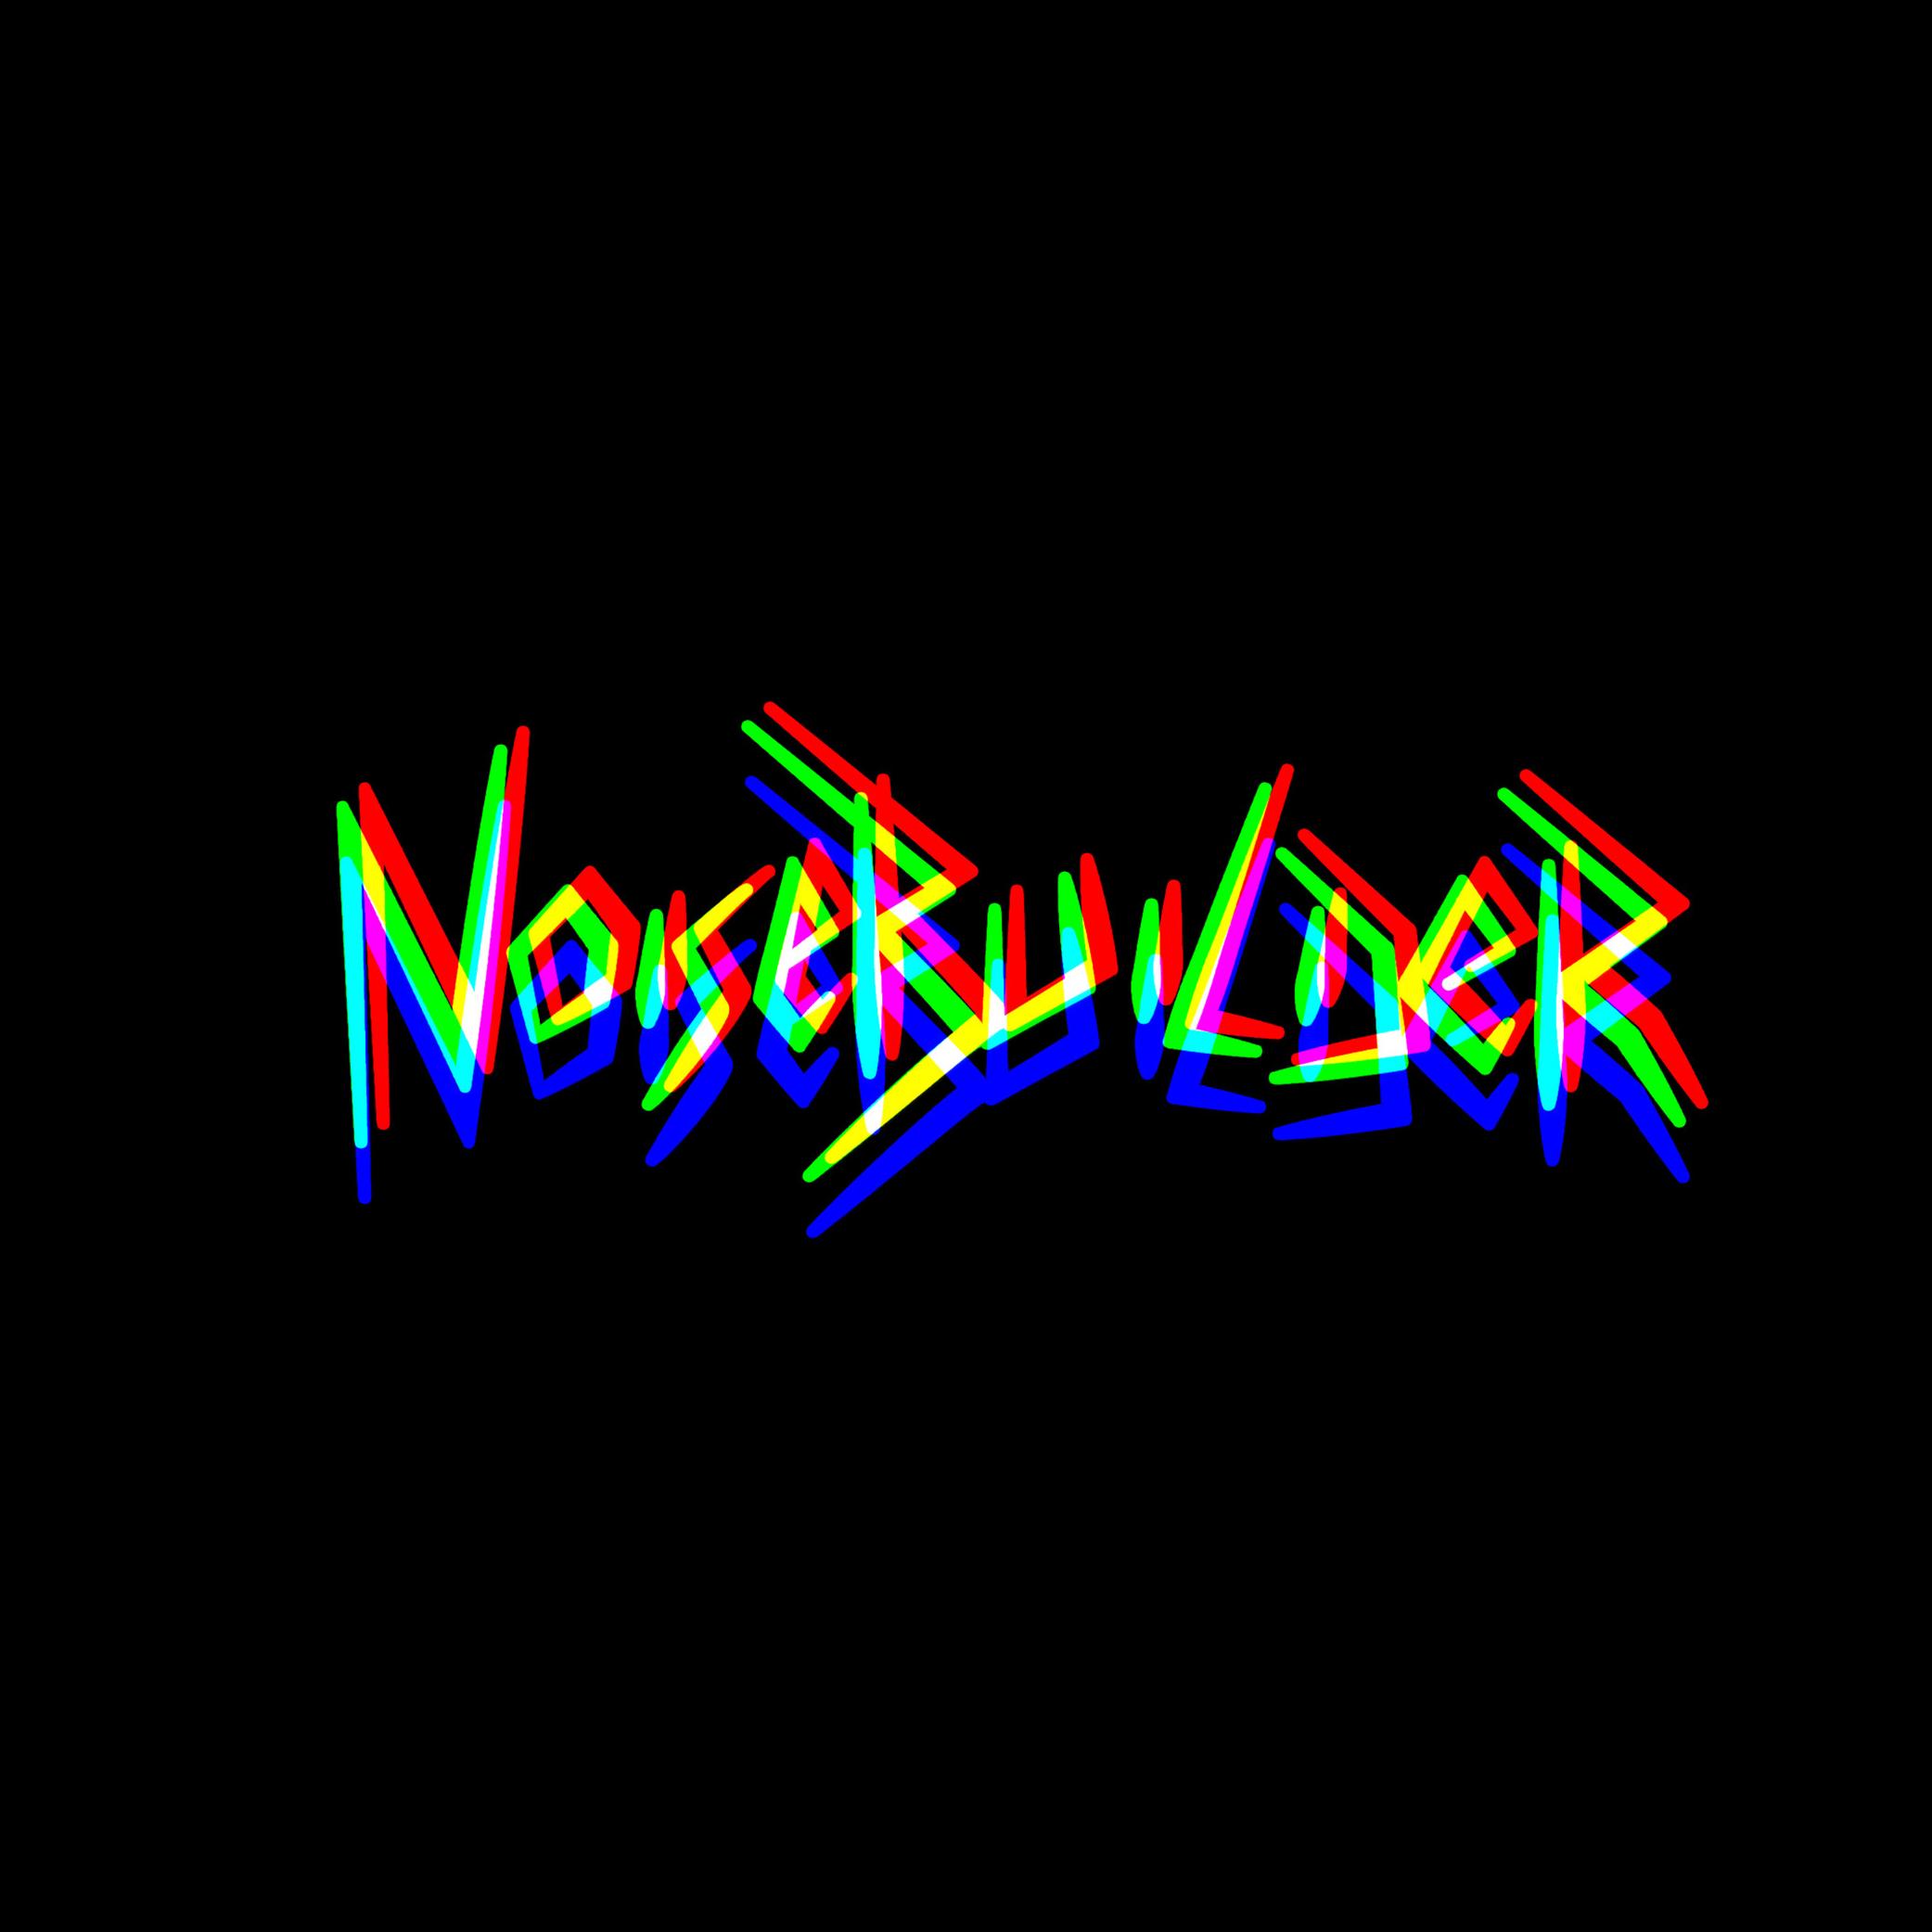 Noisebuilder Podcast